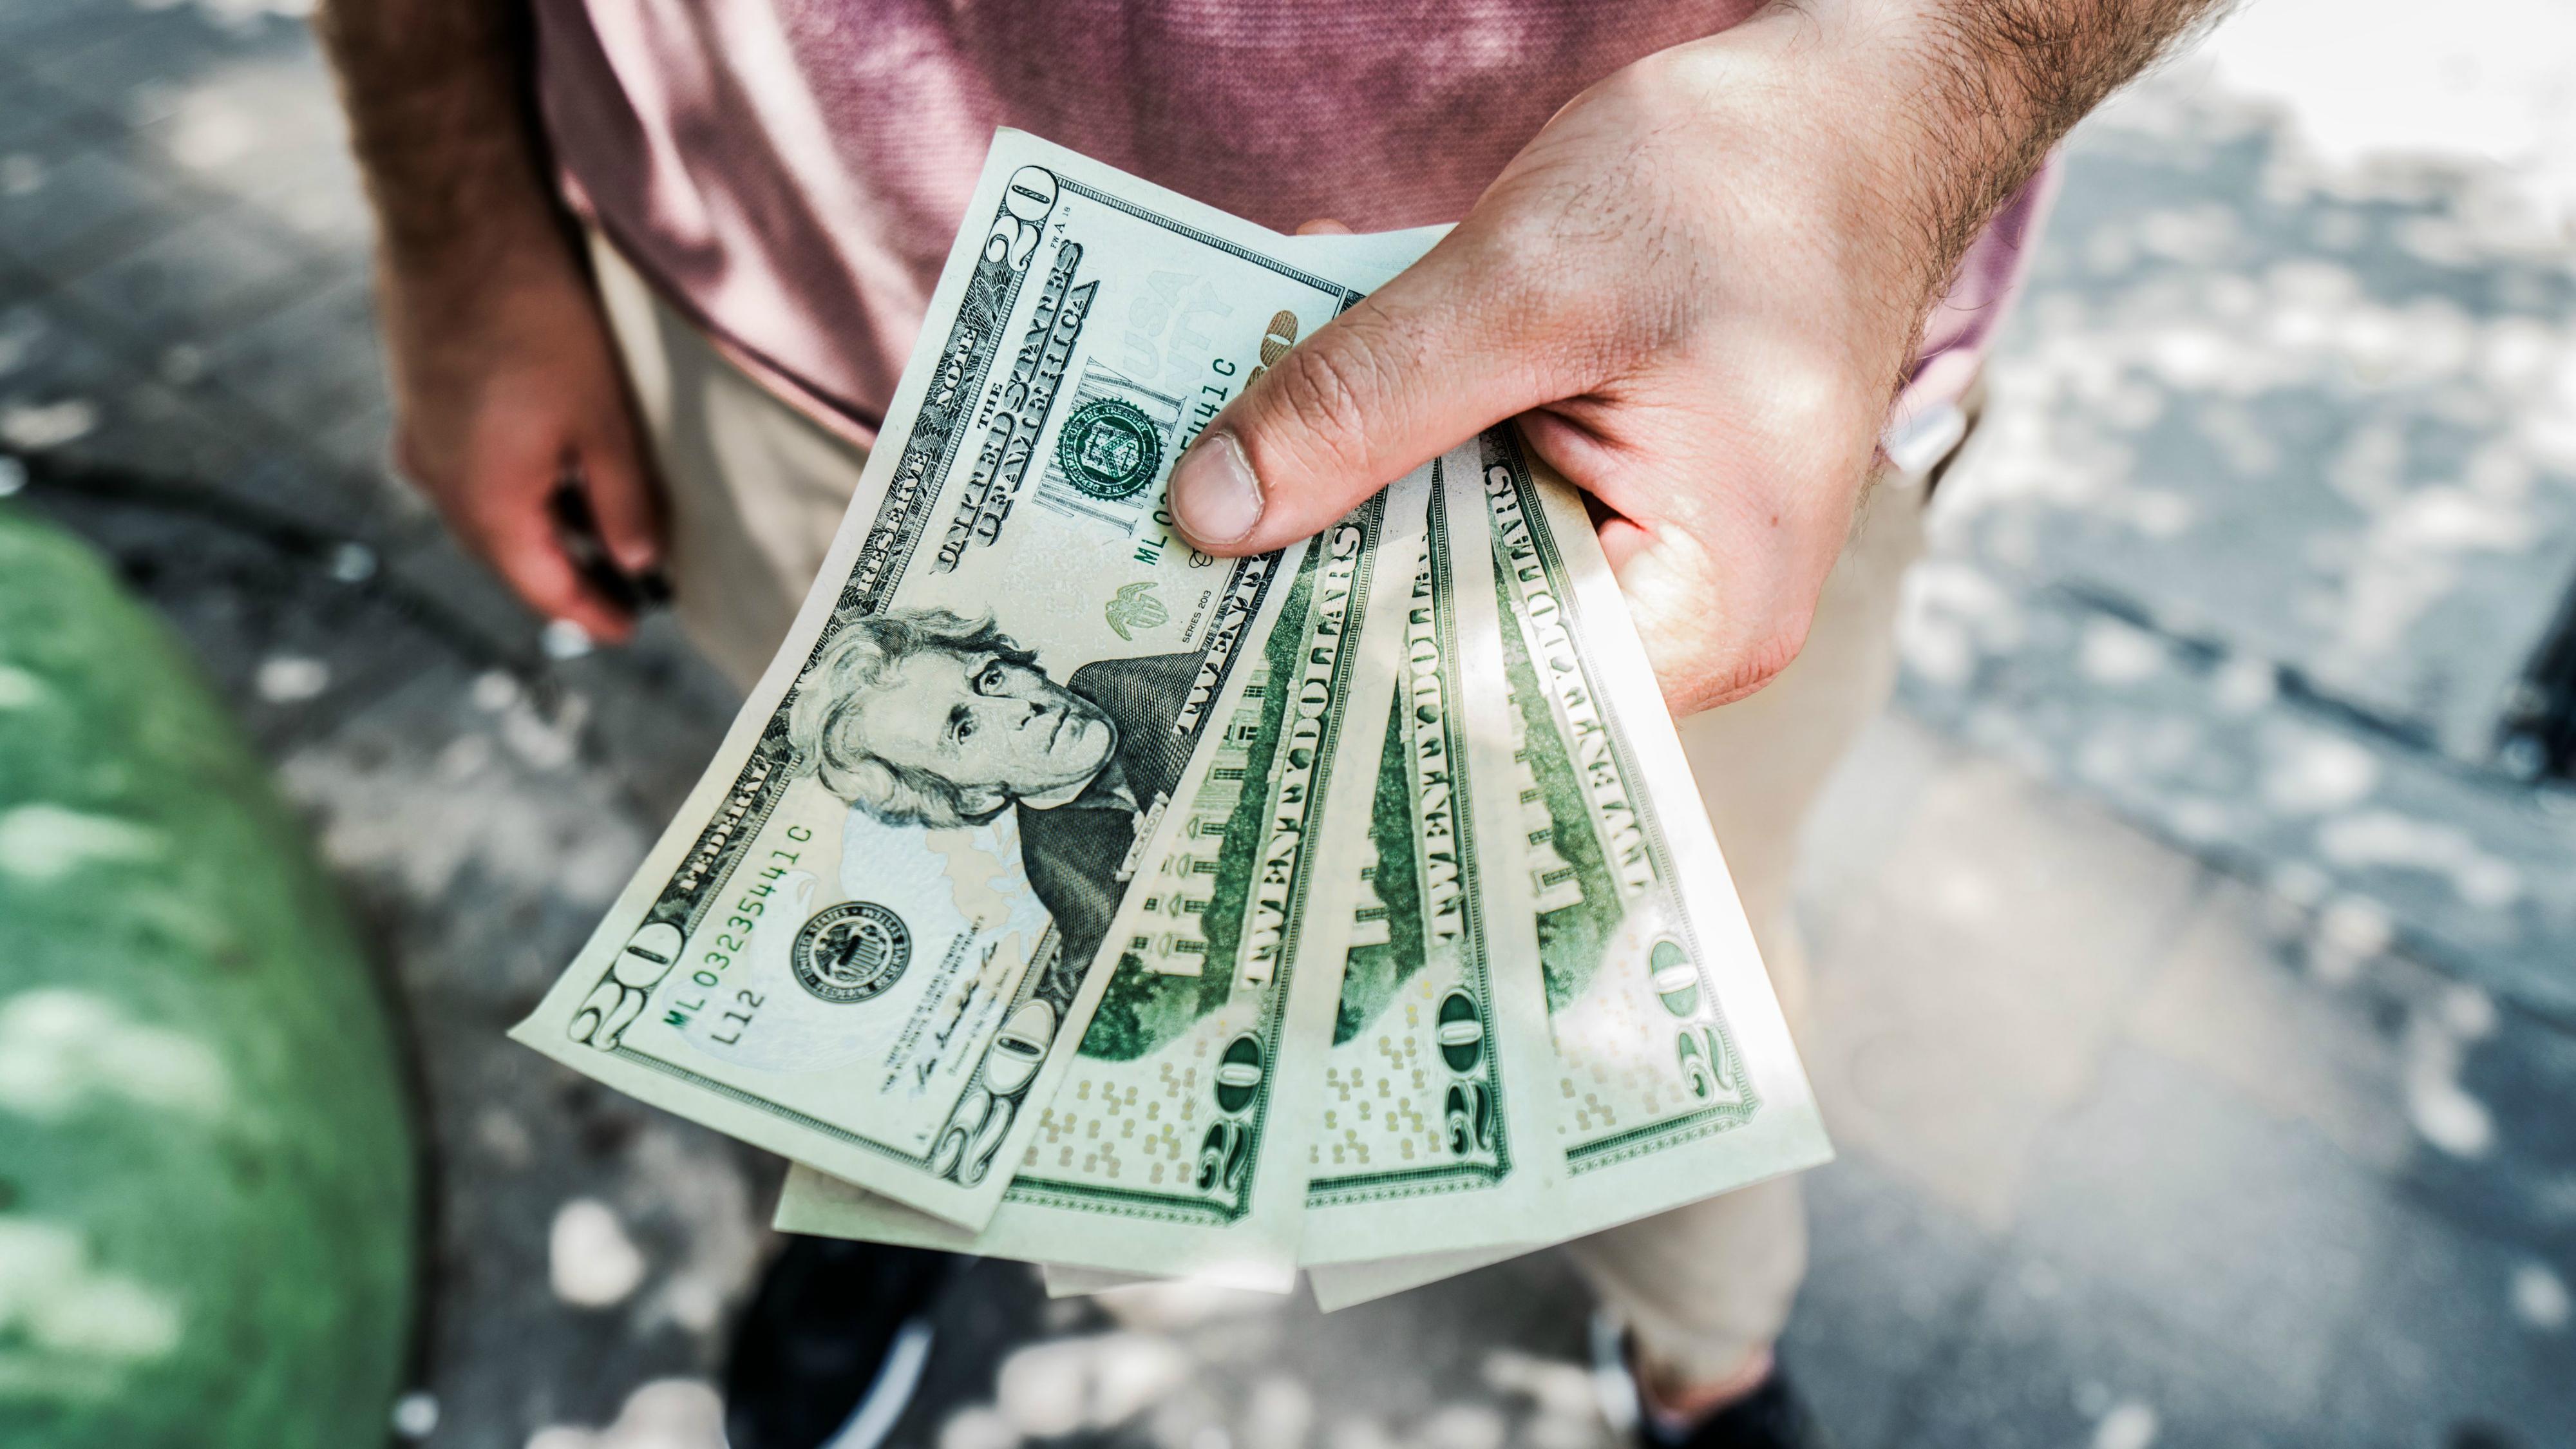 kā ātri nopelnīt daudz naudas bez ieguldījumiem